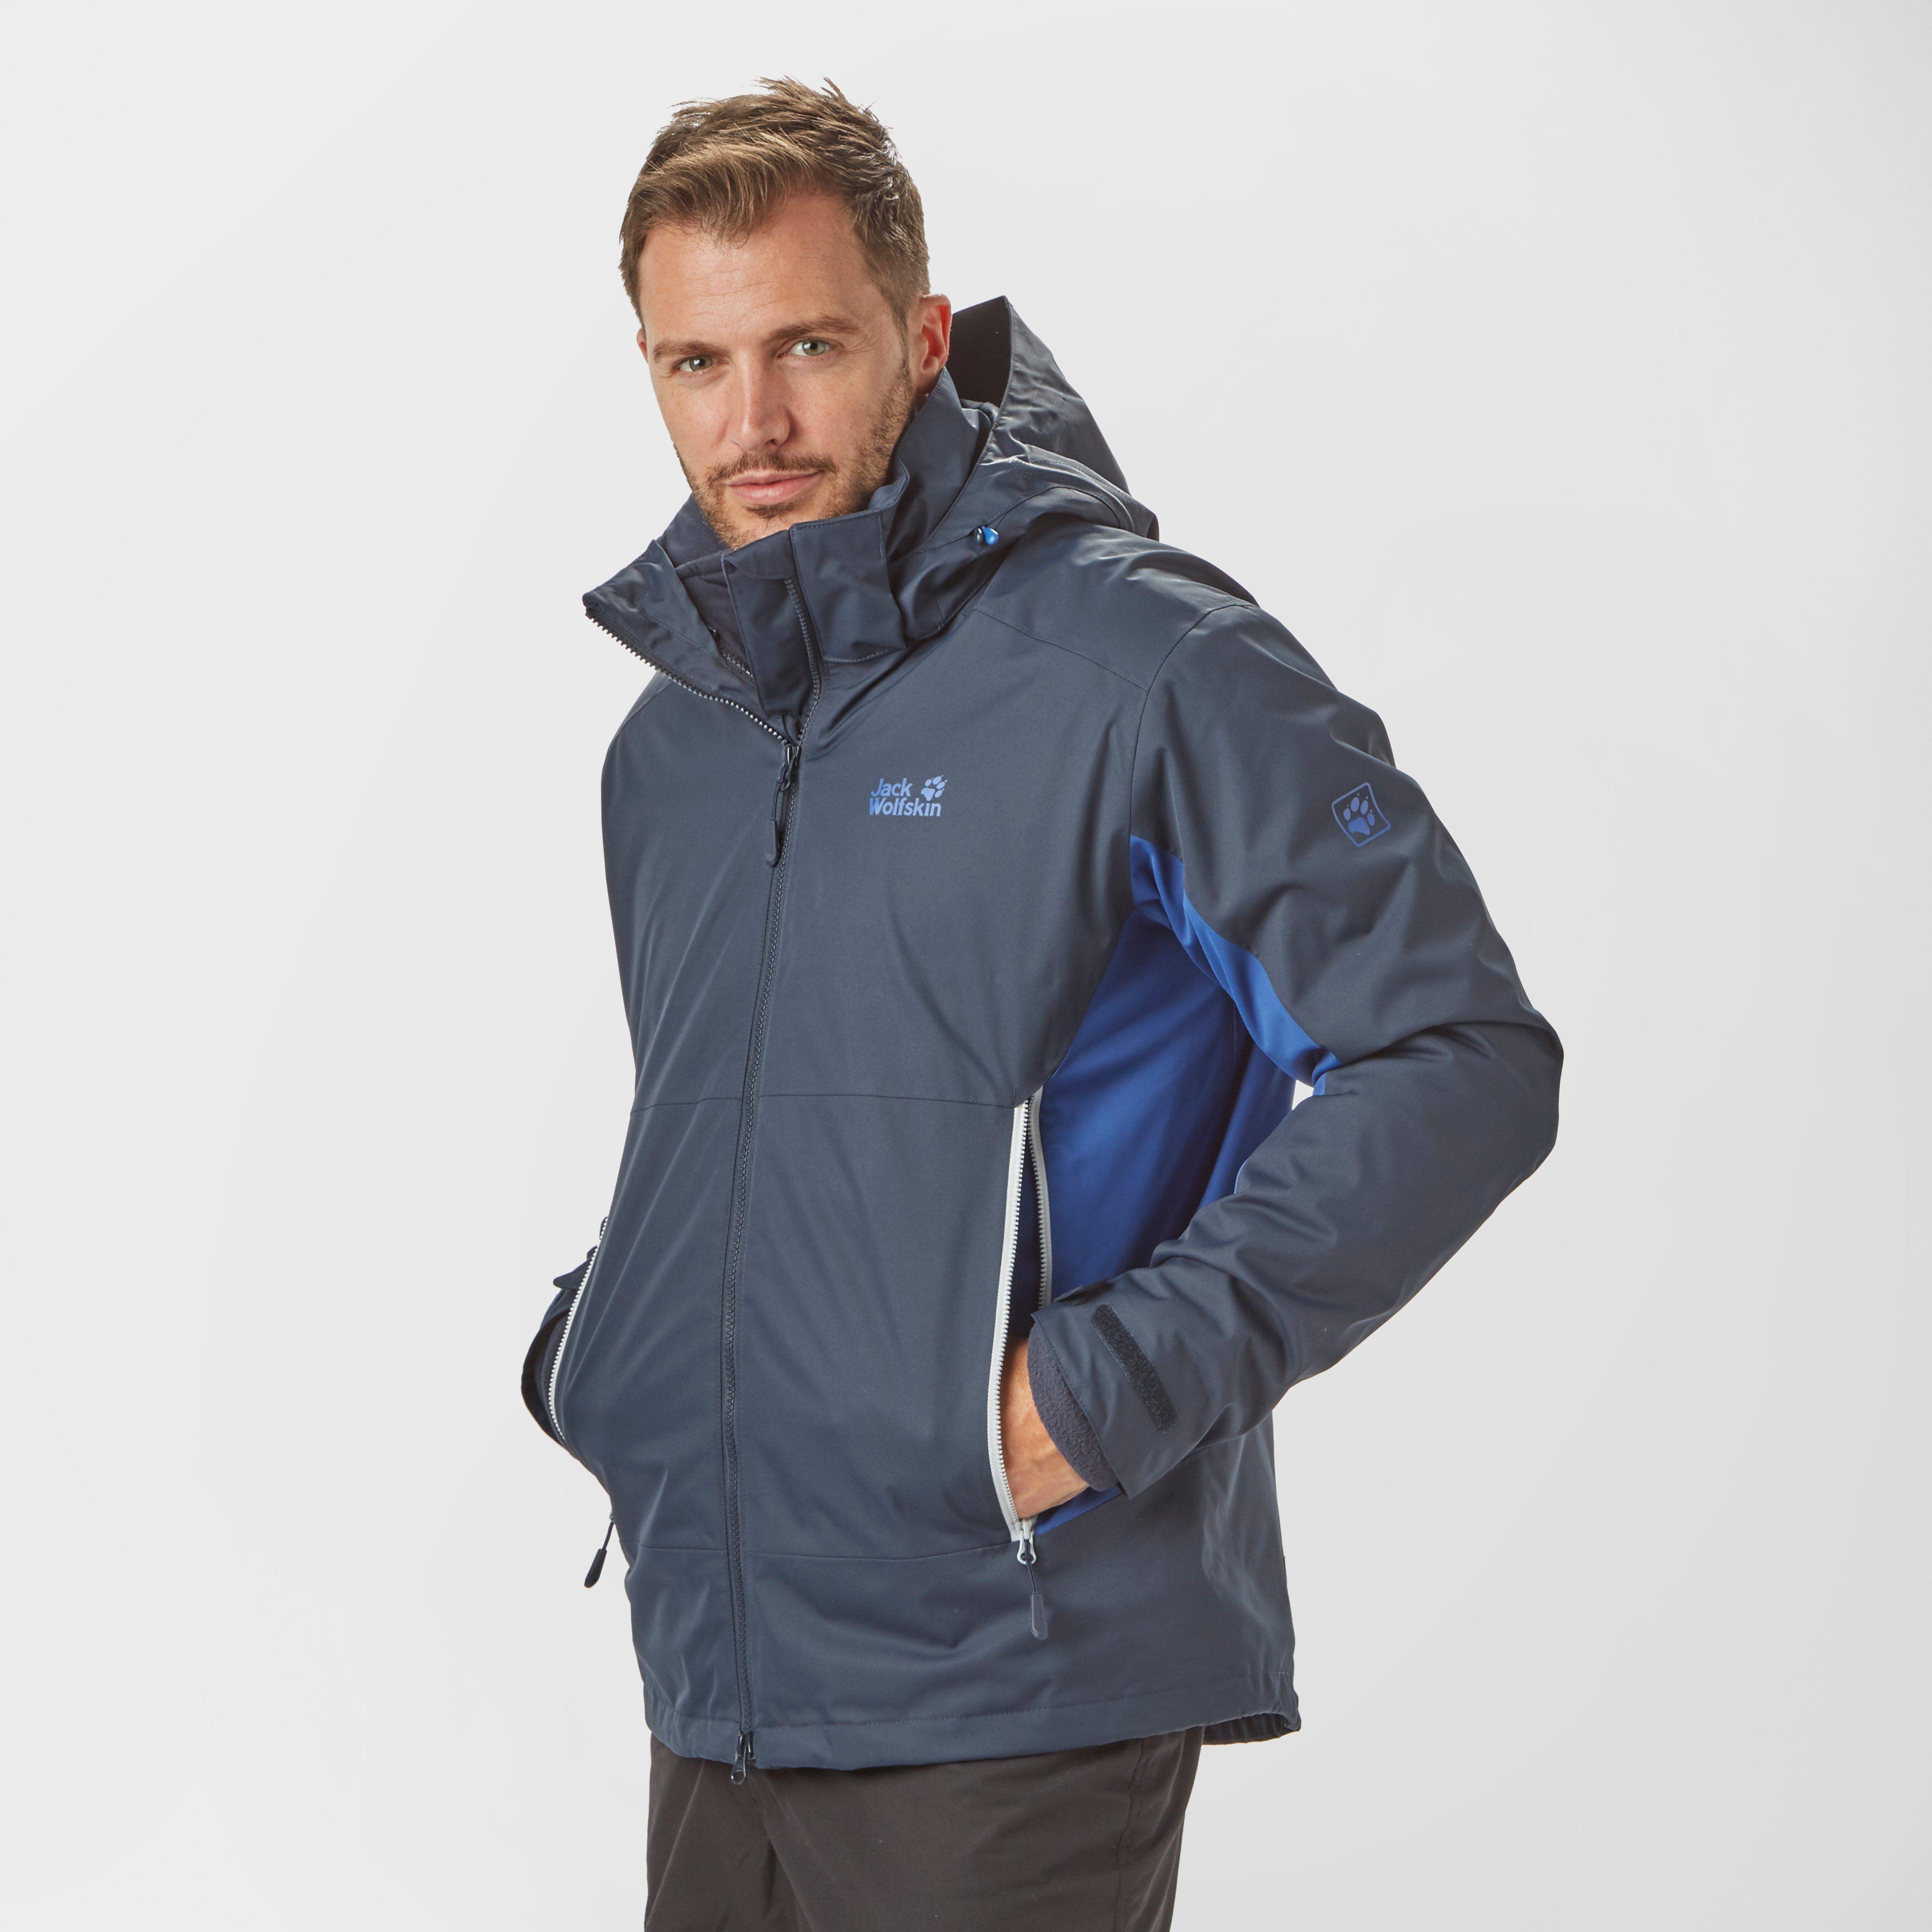 JACK WOLFSKIN Men's North Border 3 in 1 Jacket